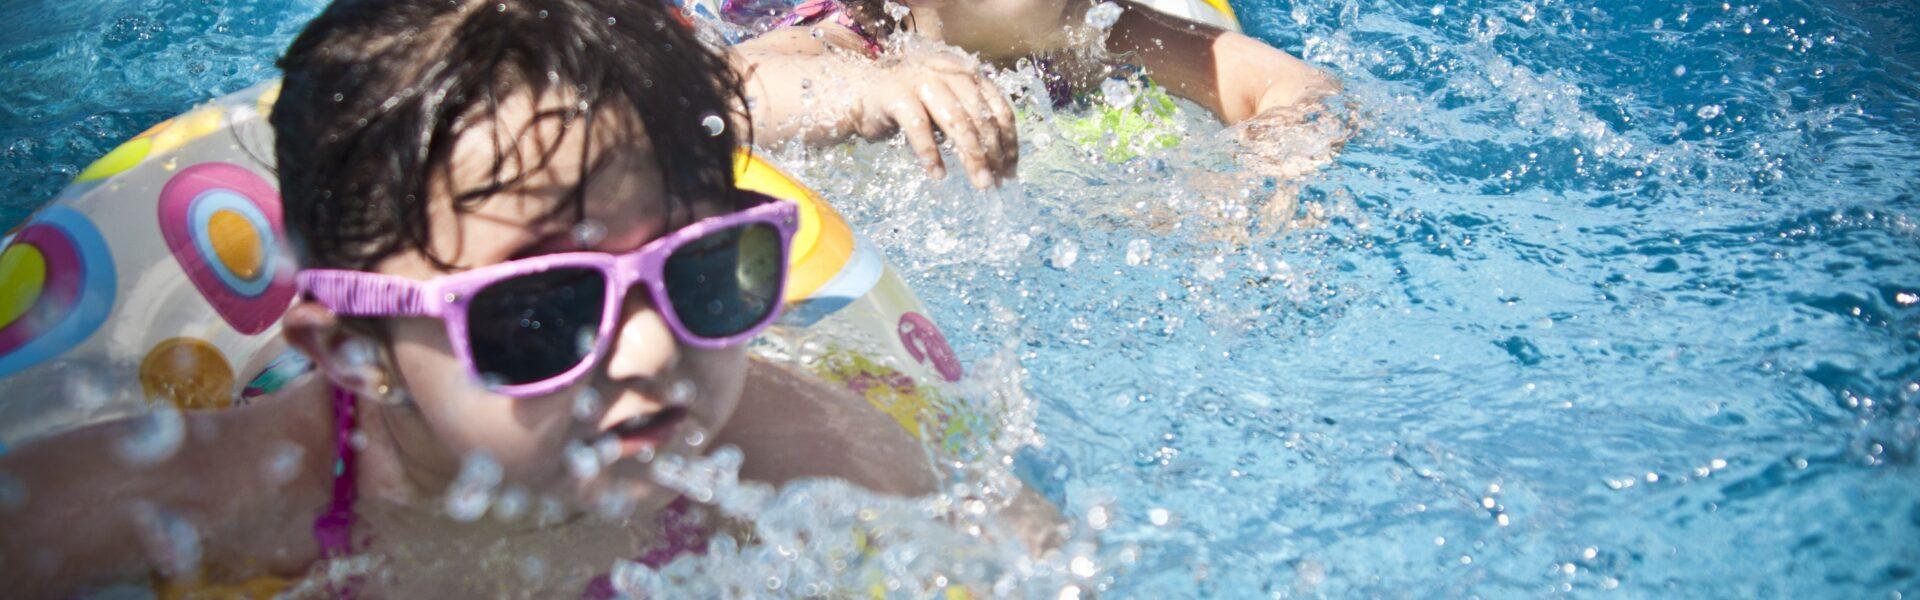 girls, swimming, splashing